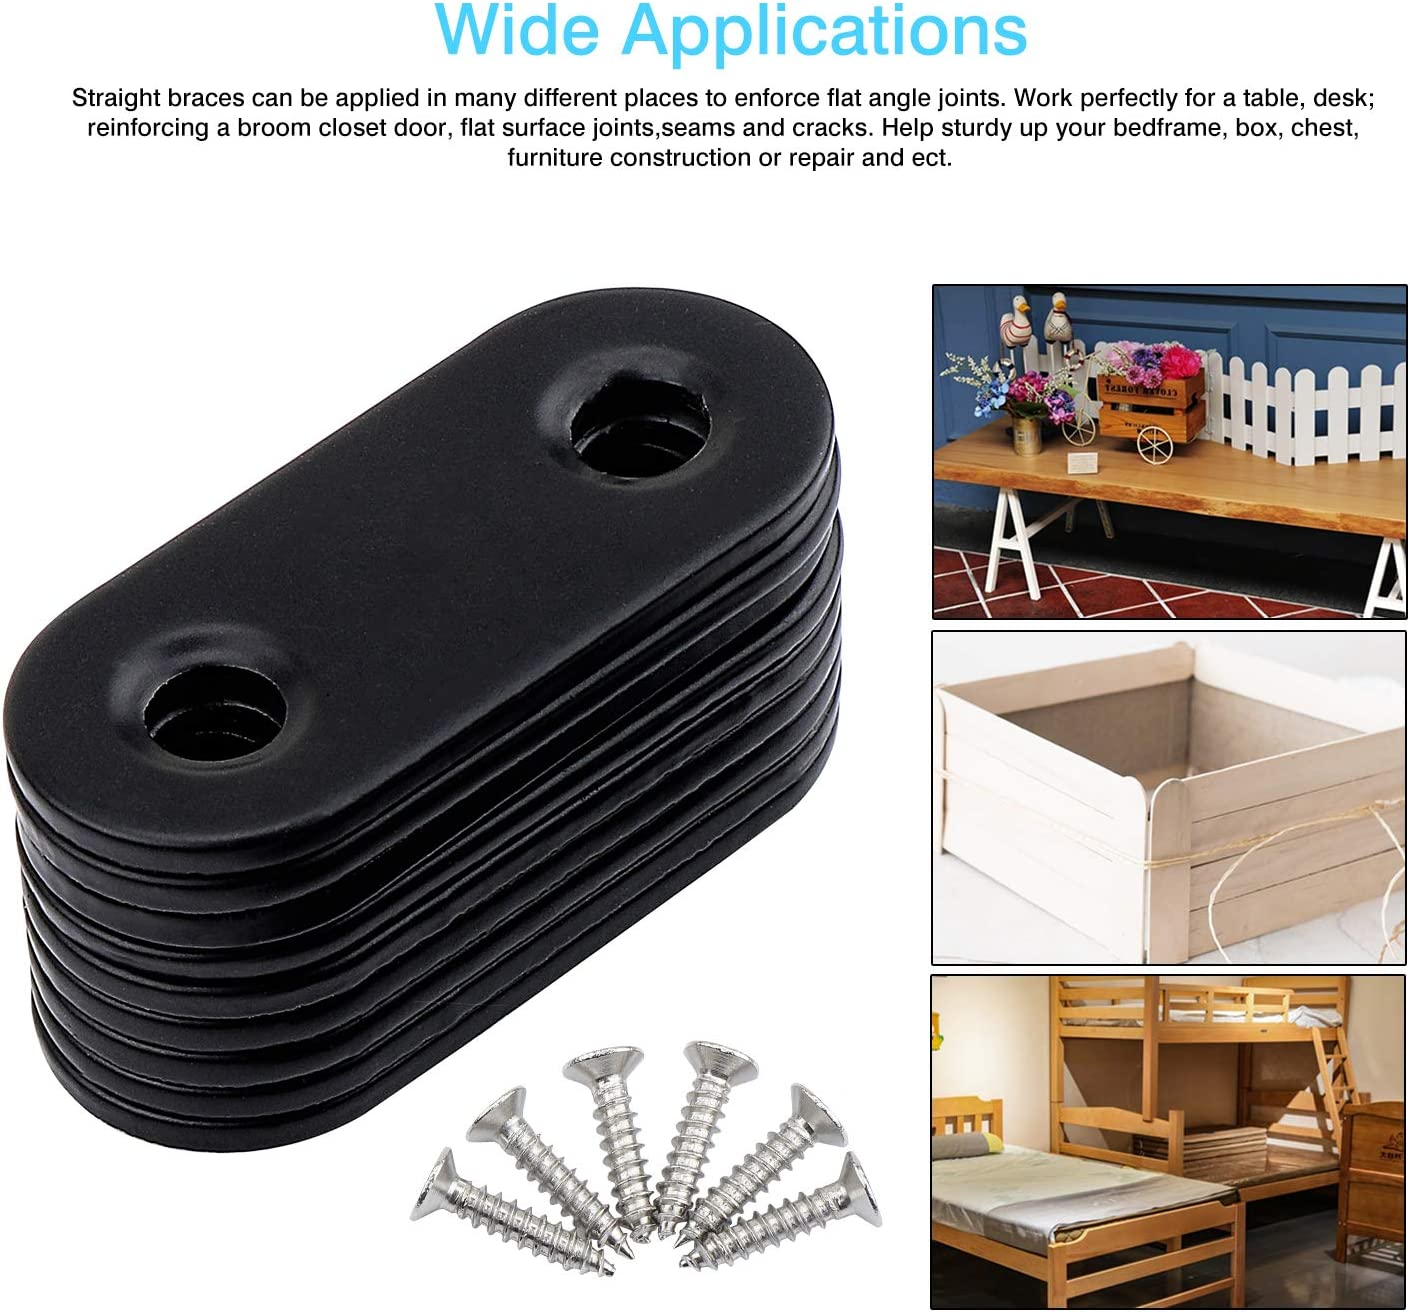 WiMas Lot de 20 supports droits en acier inoxydable 16 x 40 mm avec 40 vis Noir